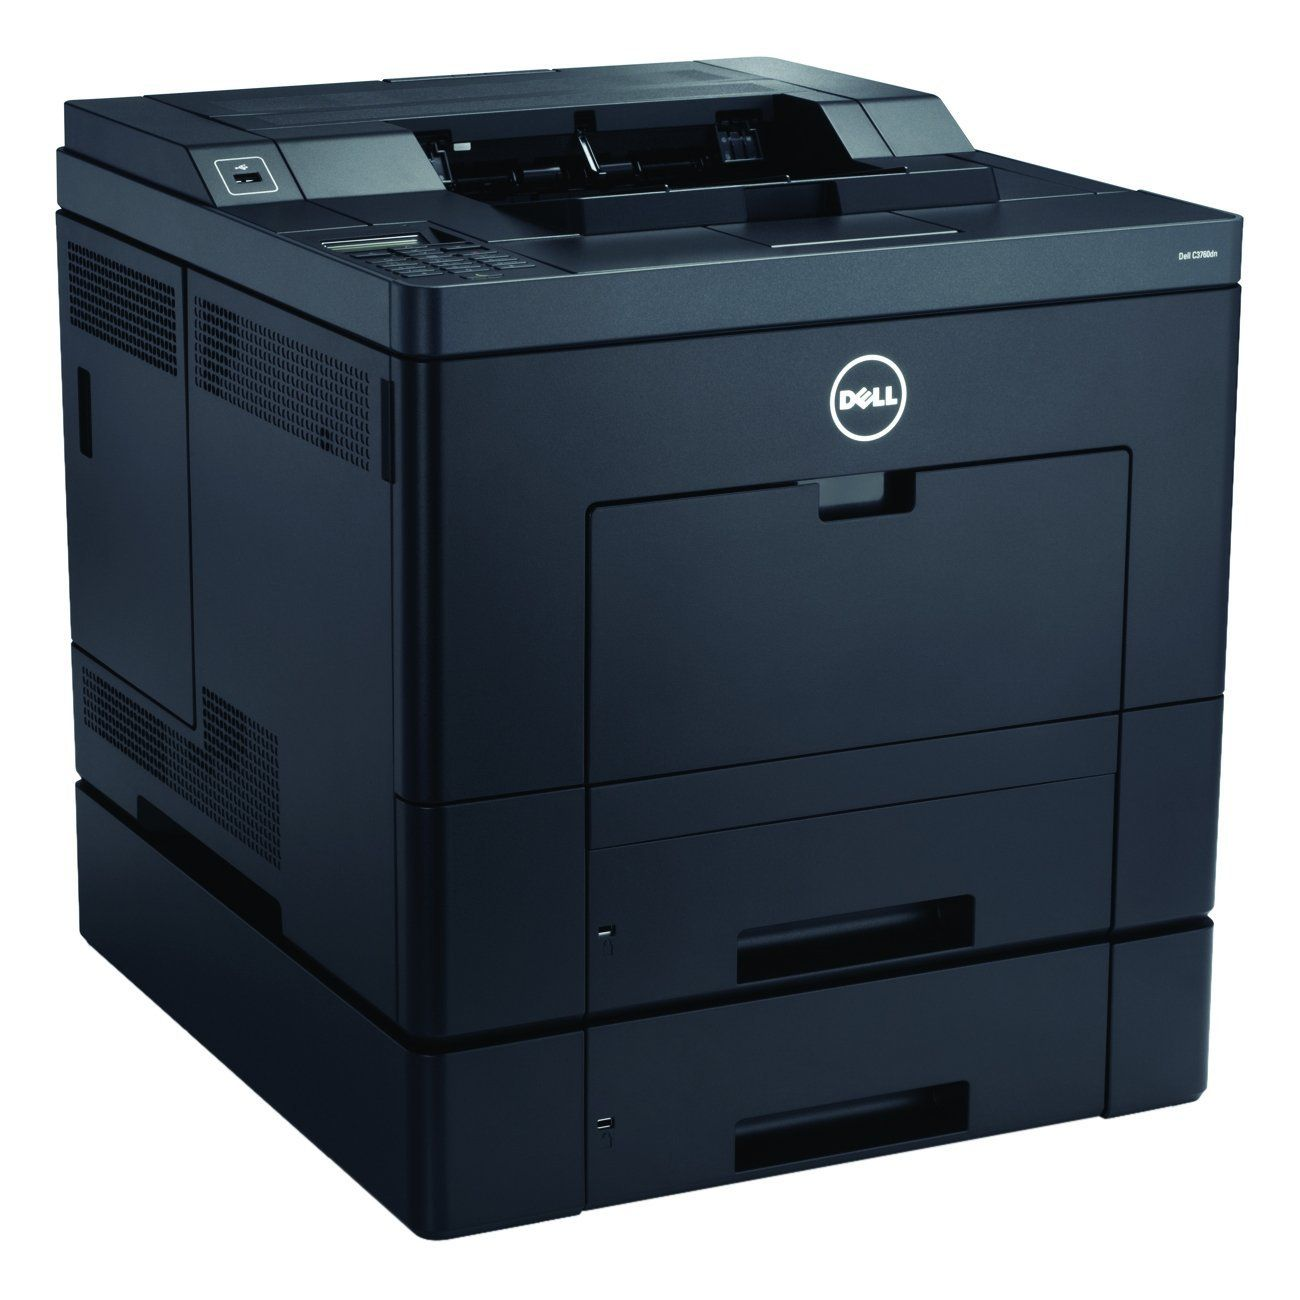 6 Best Multifunction Laser Printers